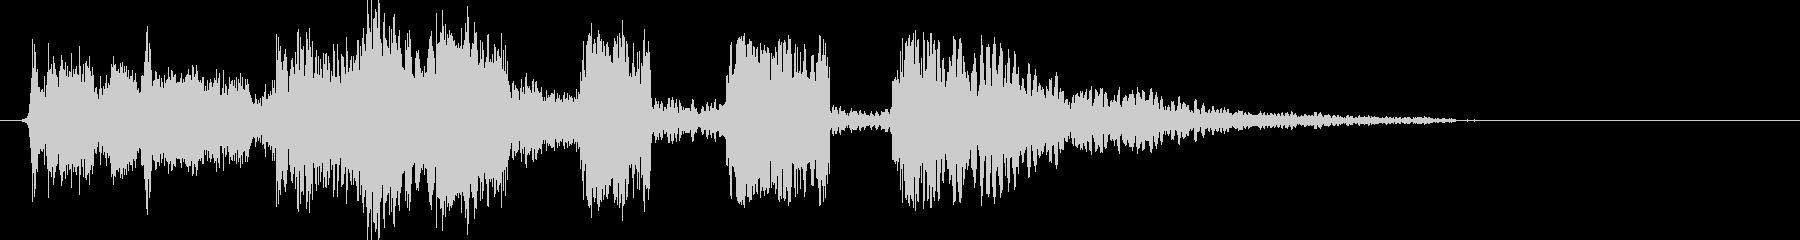 FMラジオジングル制作キットComon!の未再生の波形